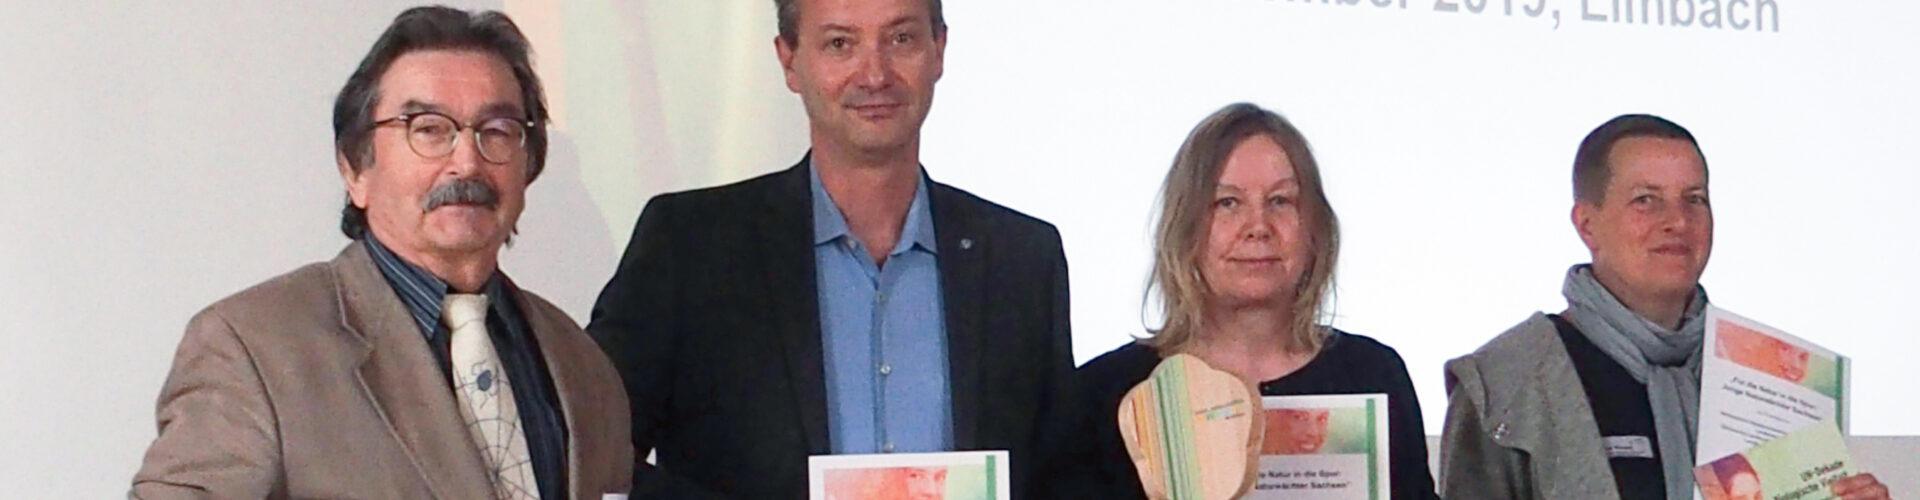 """Verleihung der Auszeichnung """"UN- Dekade Biologische Vielfalt"""". Alle Beteiligten stehen hinter einem entsprechenden Banner"""